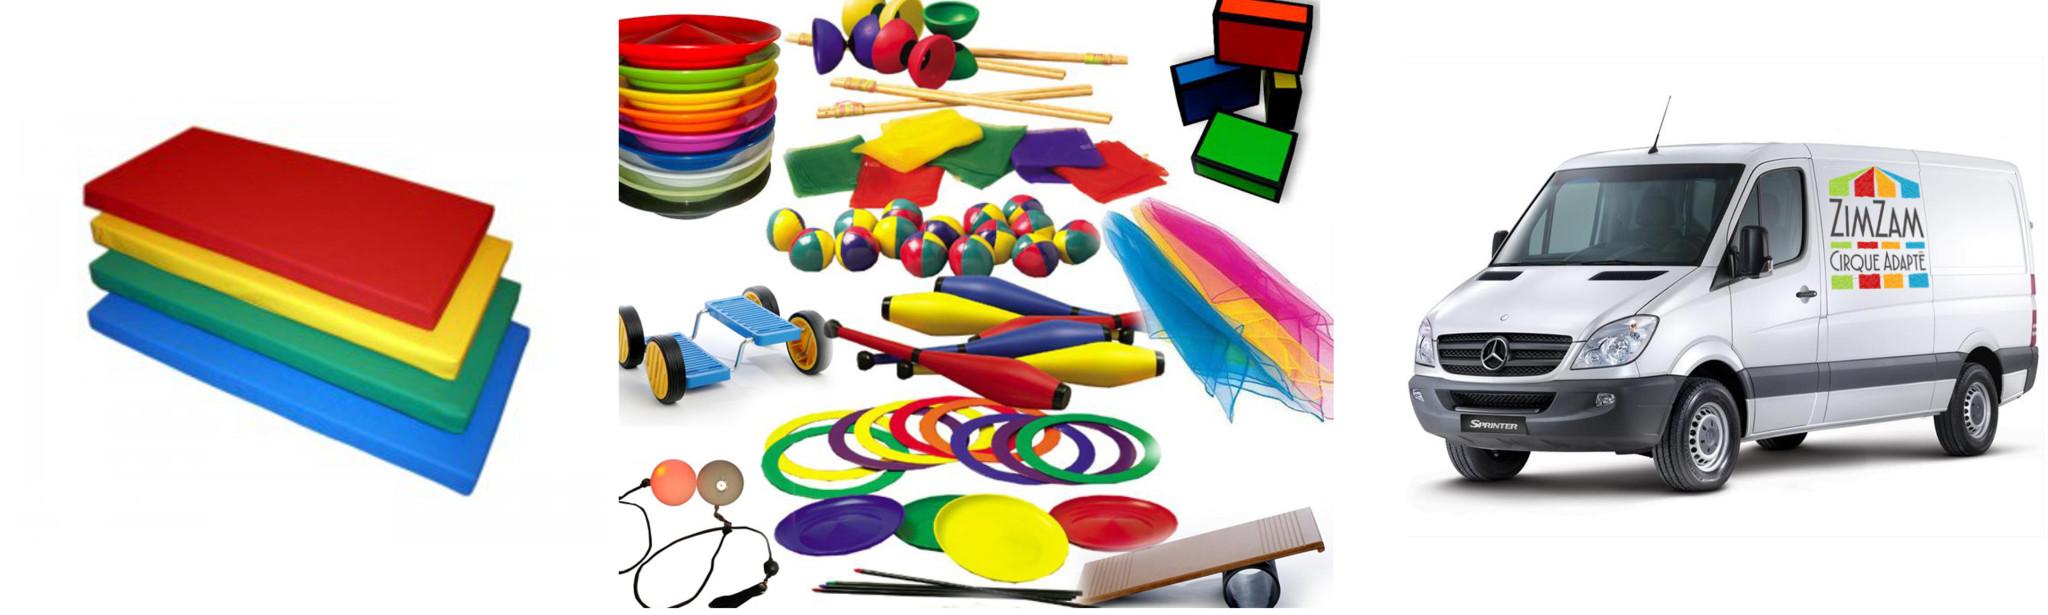 jouets en bois handicap bourguette